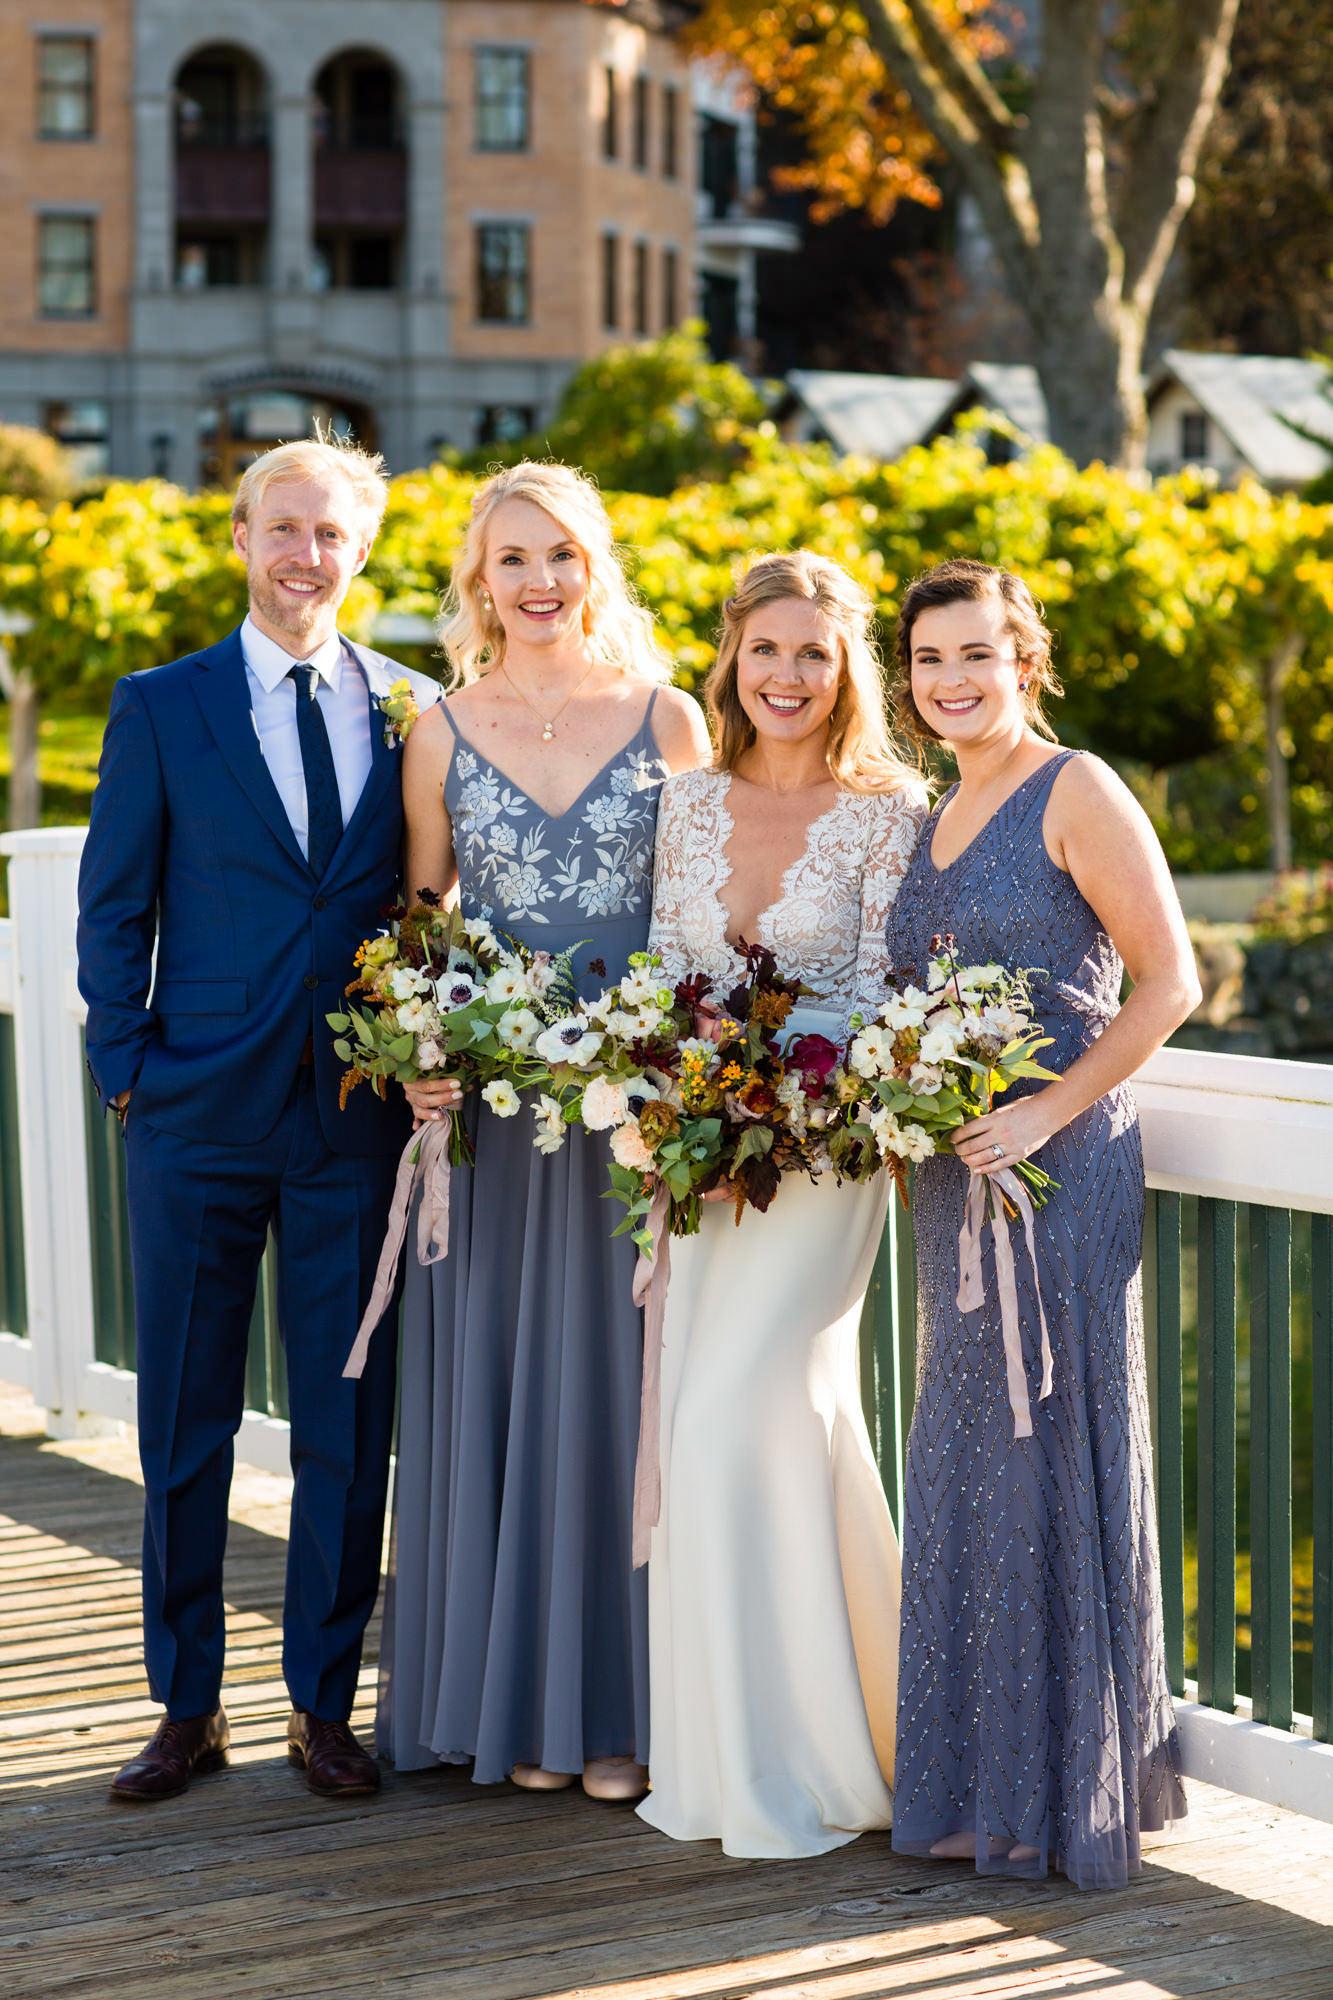 Roche Harbor wedding bridal party in summer attire  - La Vie Photography